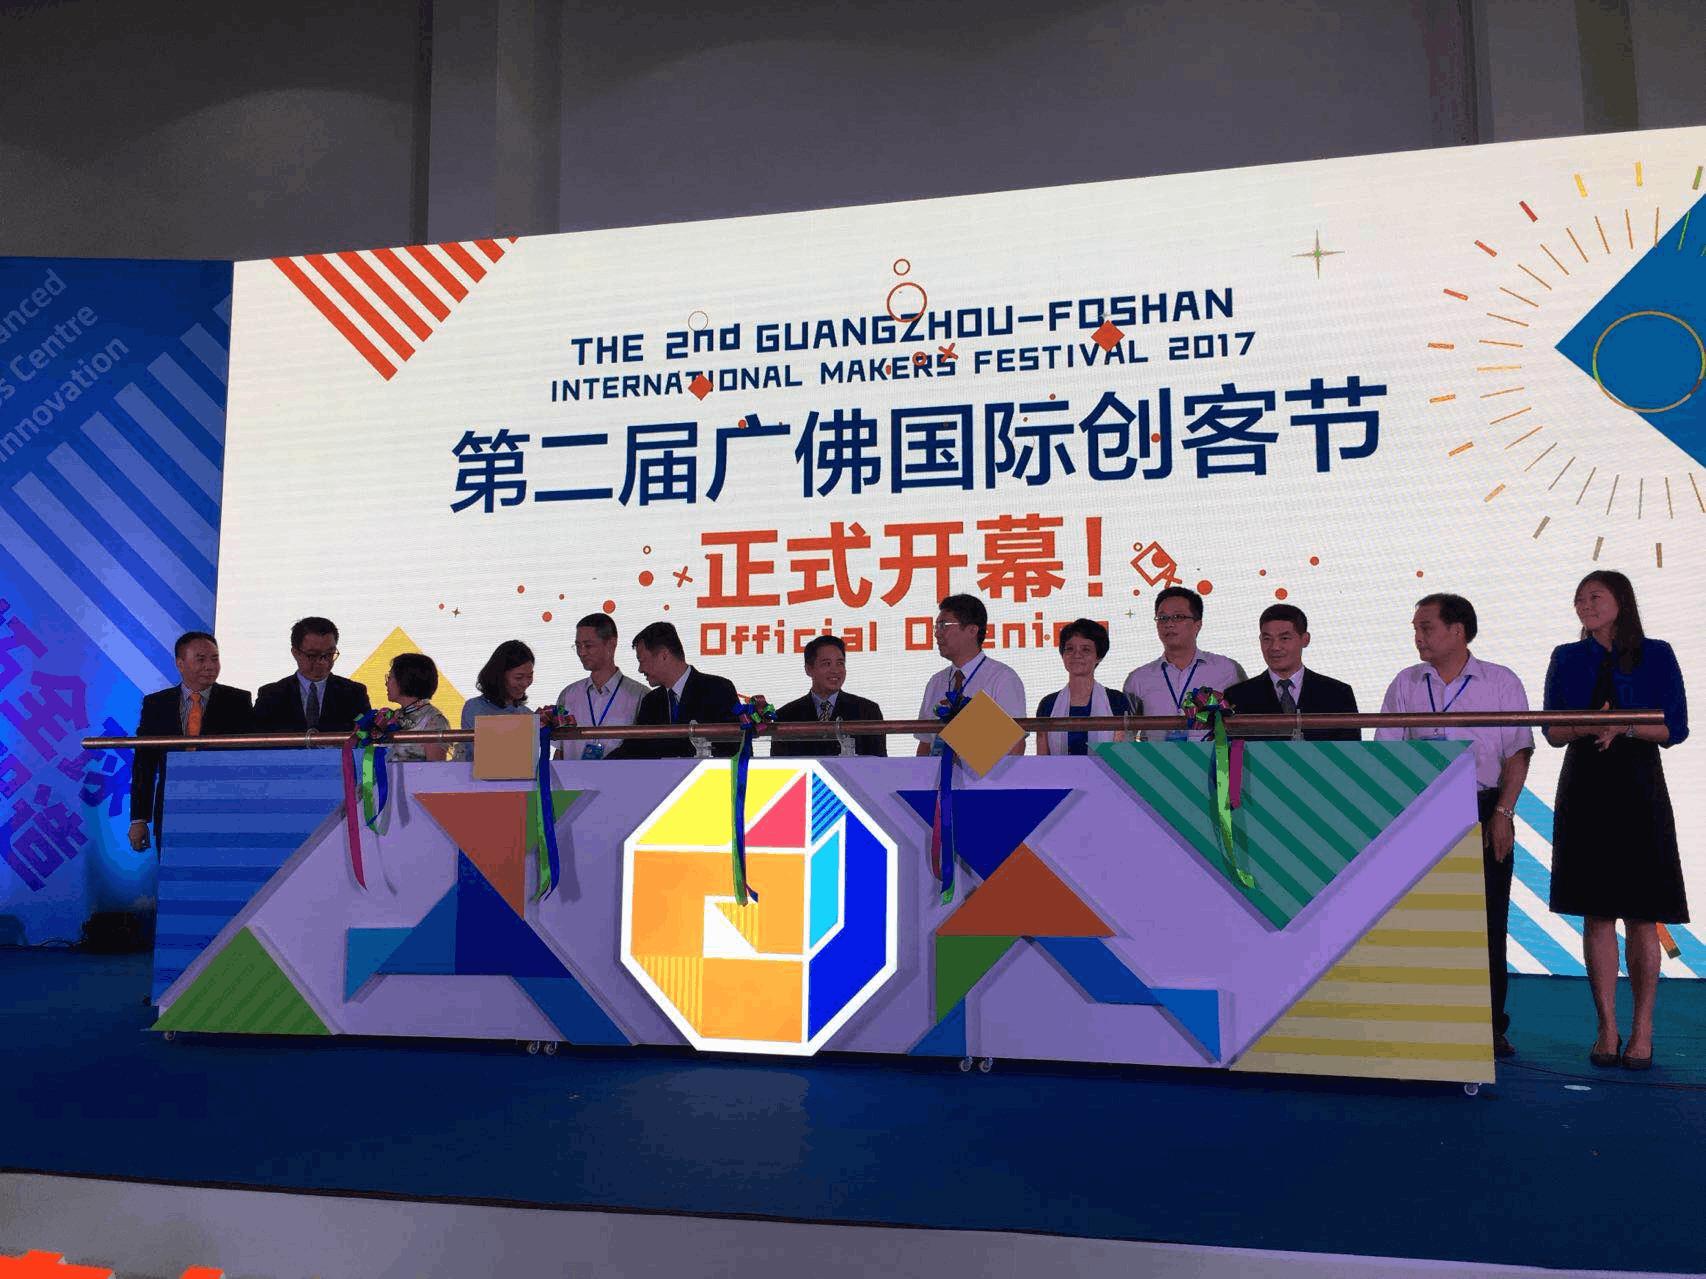 中外创客齐聚南海 第二届广佛国际创客节开幕